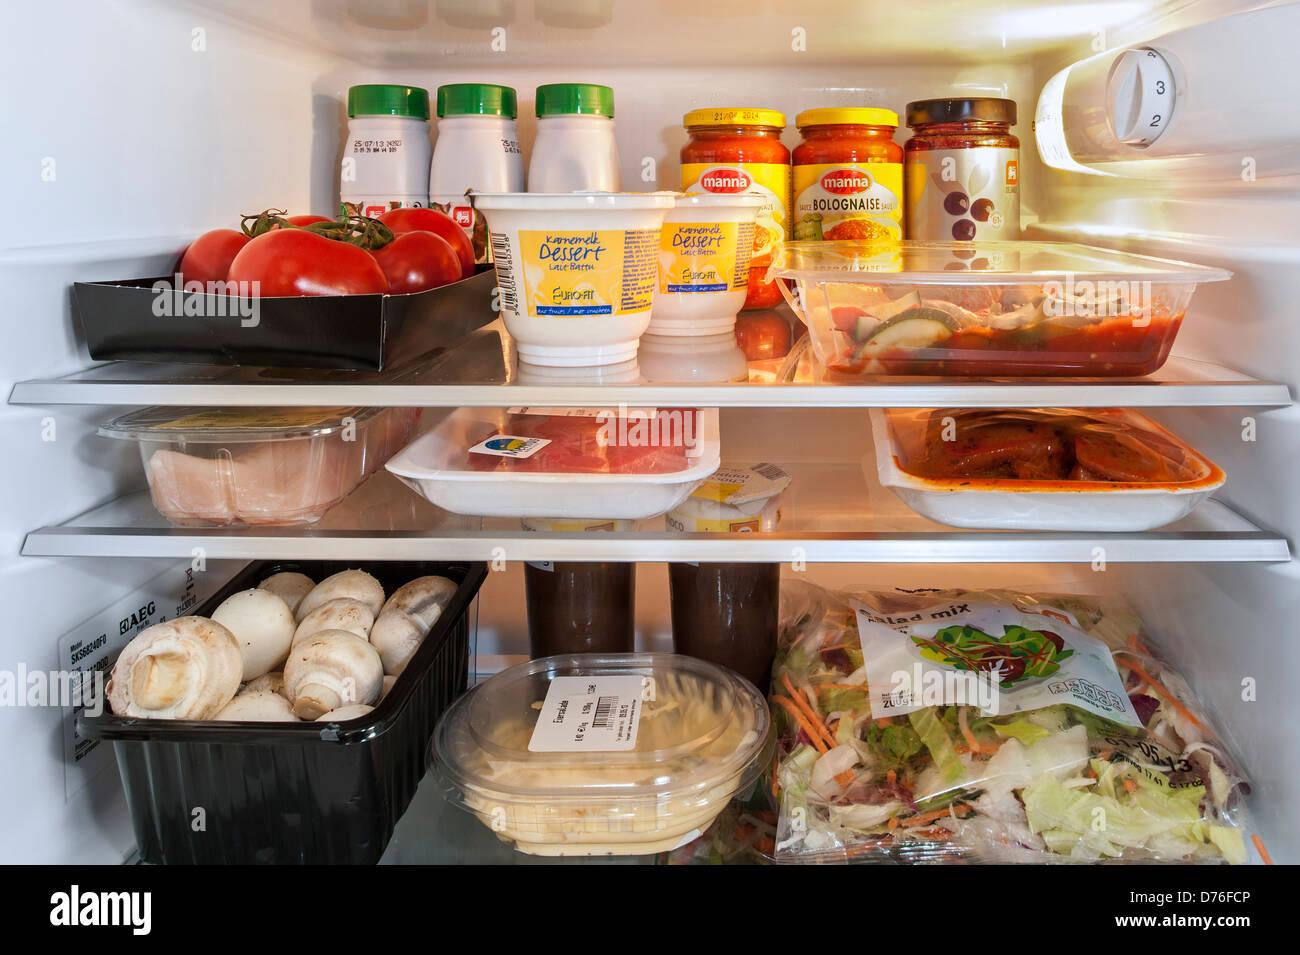 Si raffredda il cibo in frigo aperta / frigorifero in cucina Immagini Stock